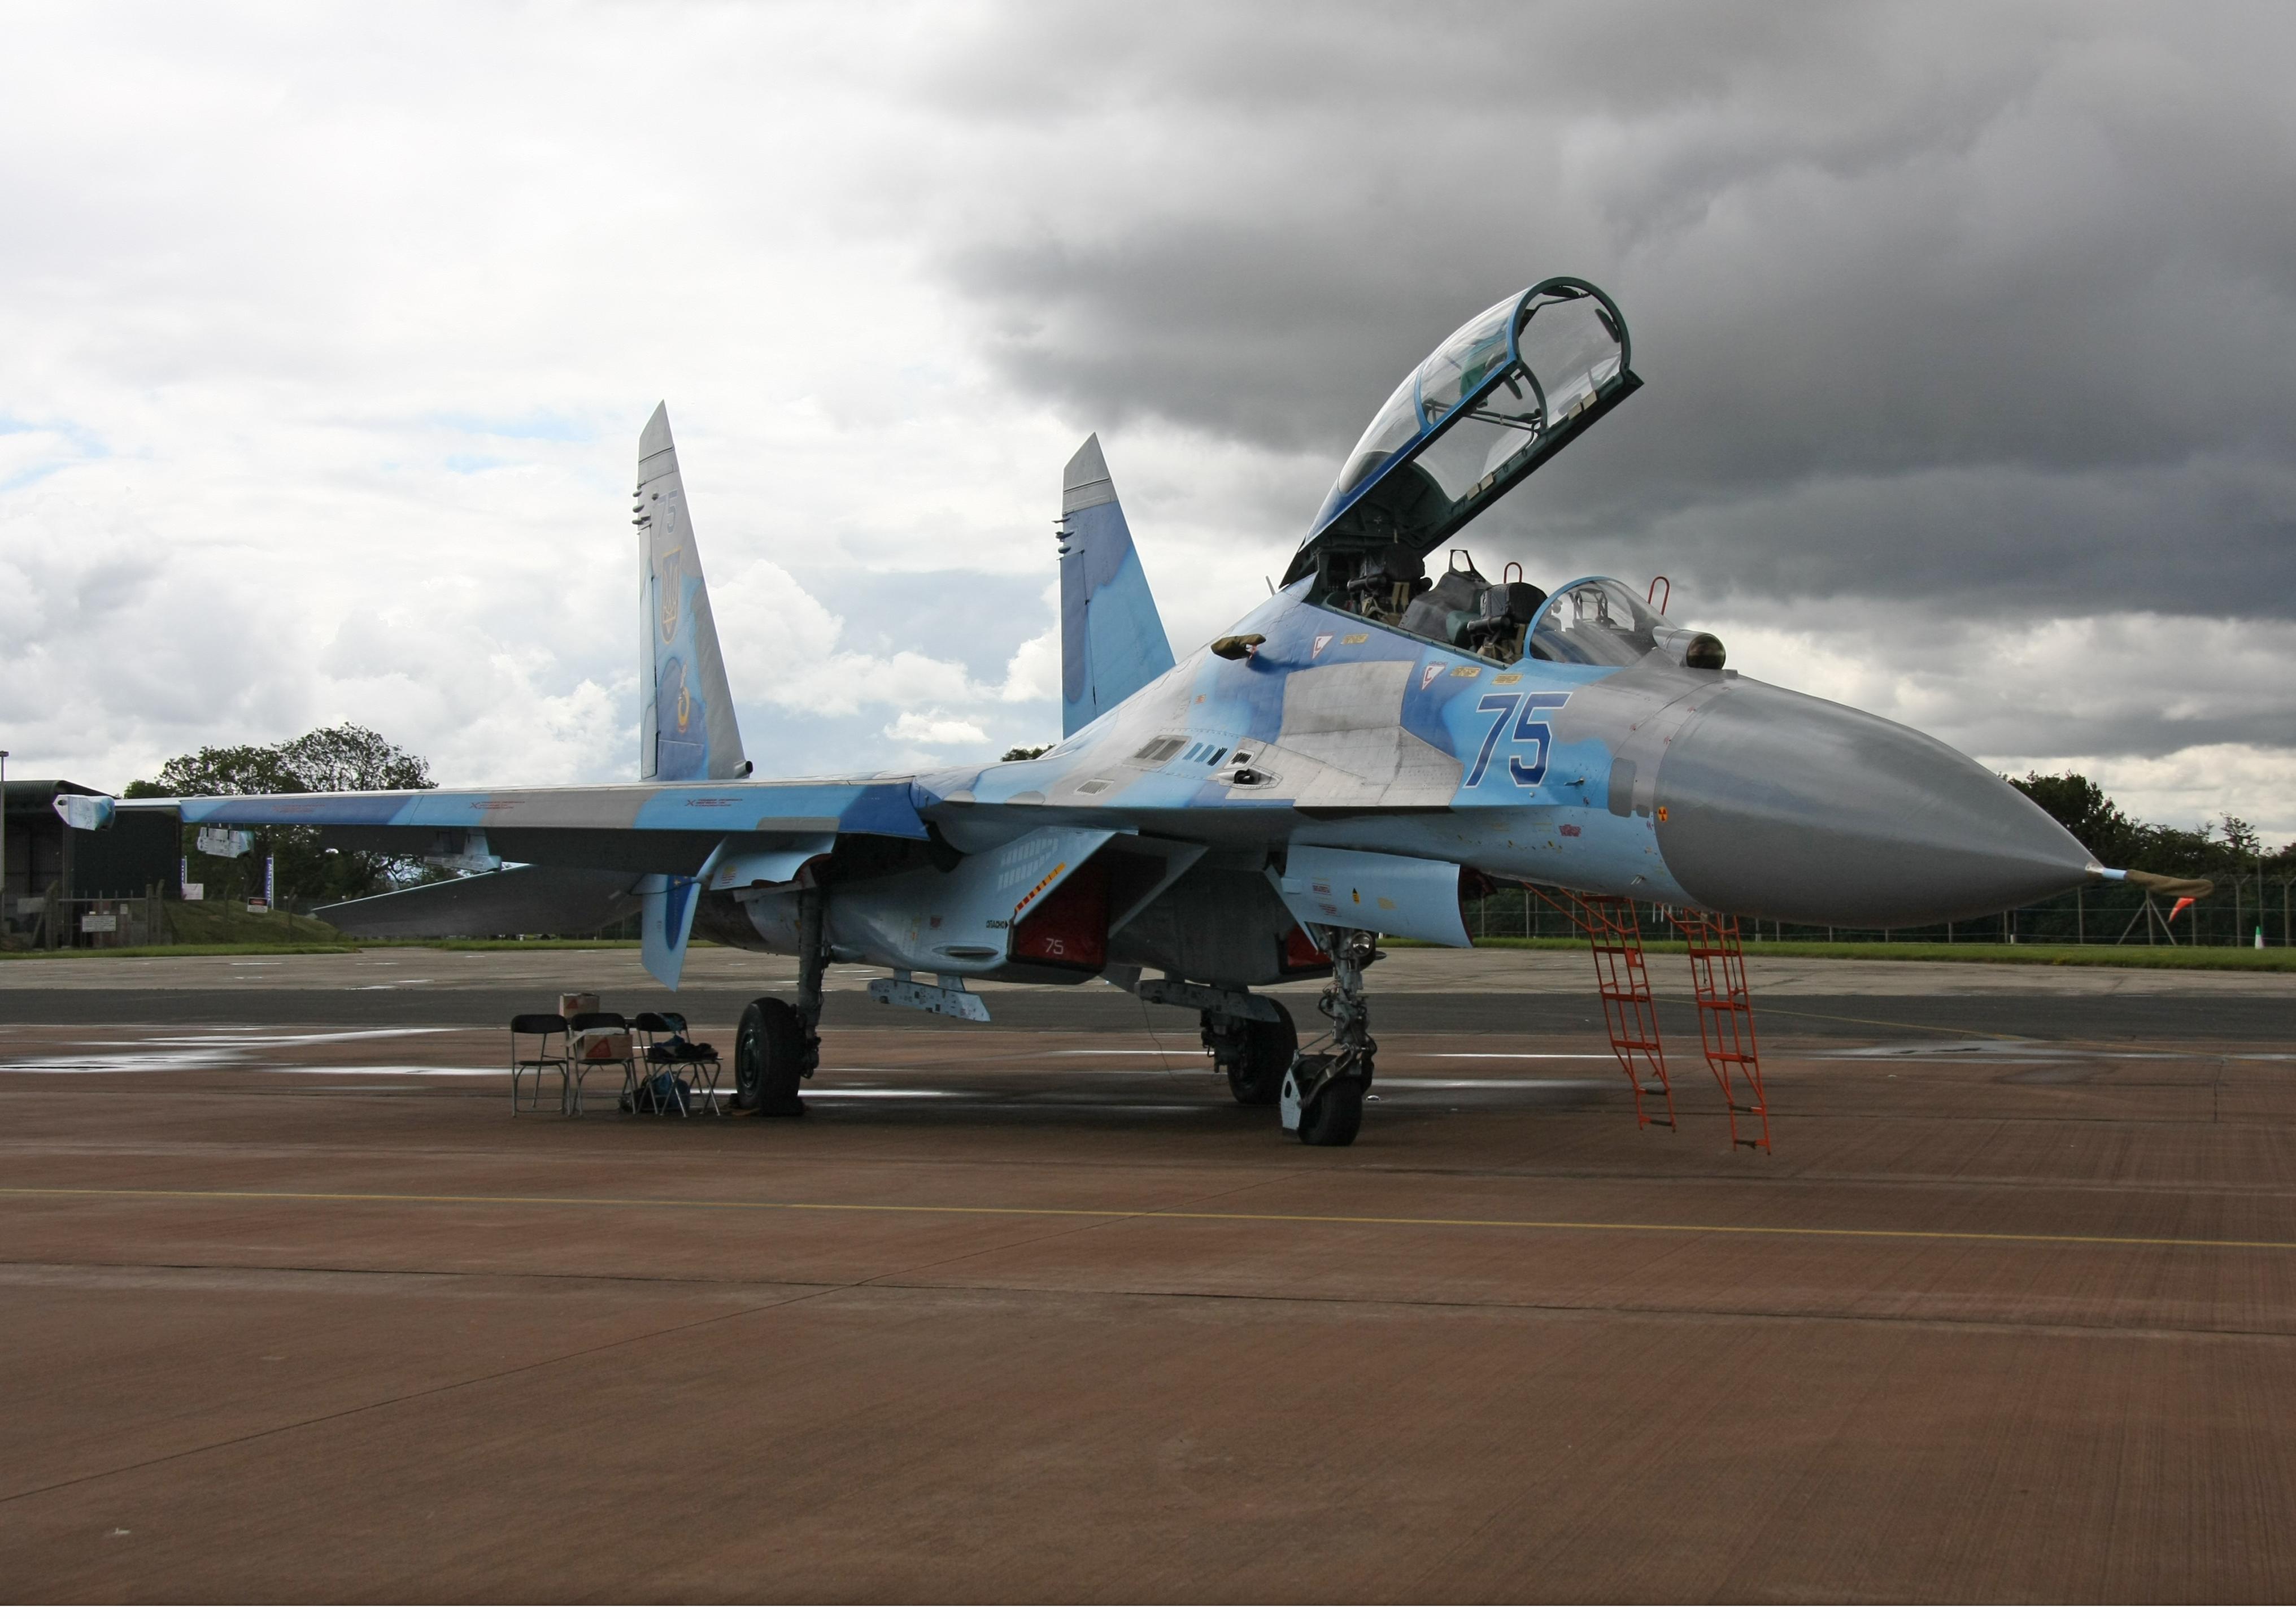 Loading su 33 flanker d carrier based fighter jet su 27 - Loading Su 33 Flanker D Carrier Based Fighter Jet Su 27 43